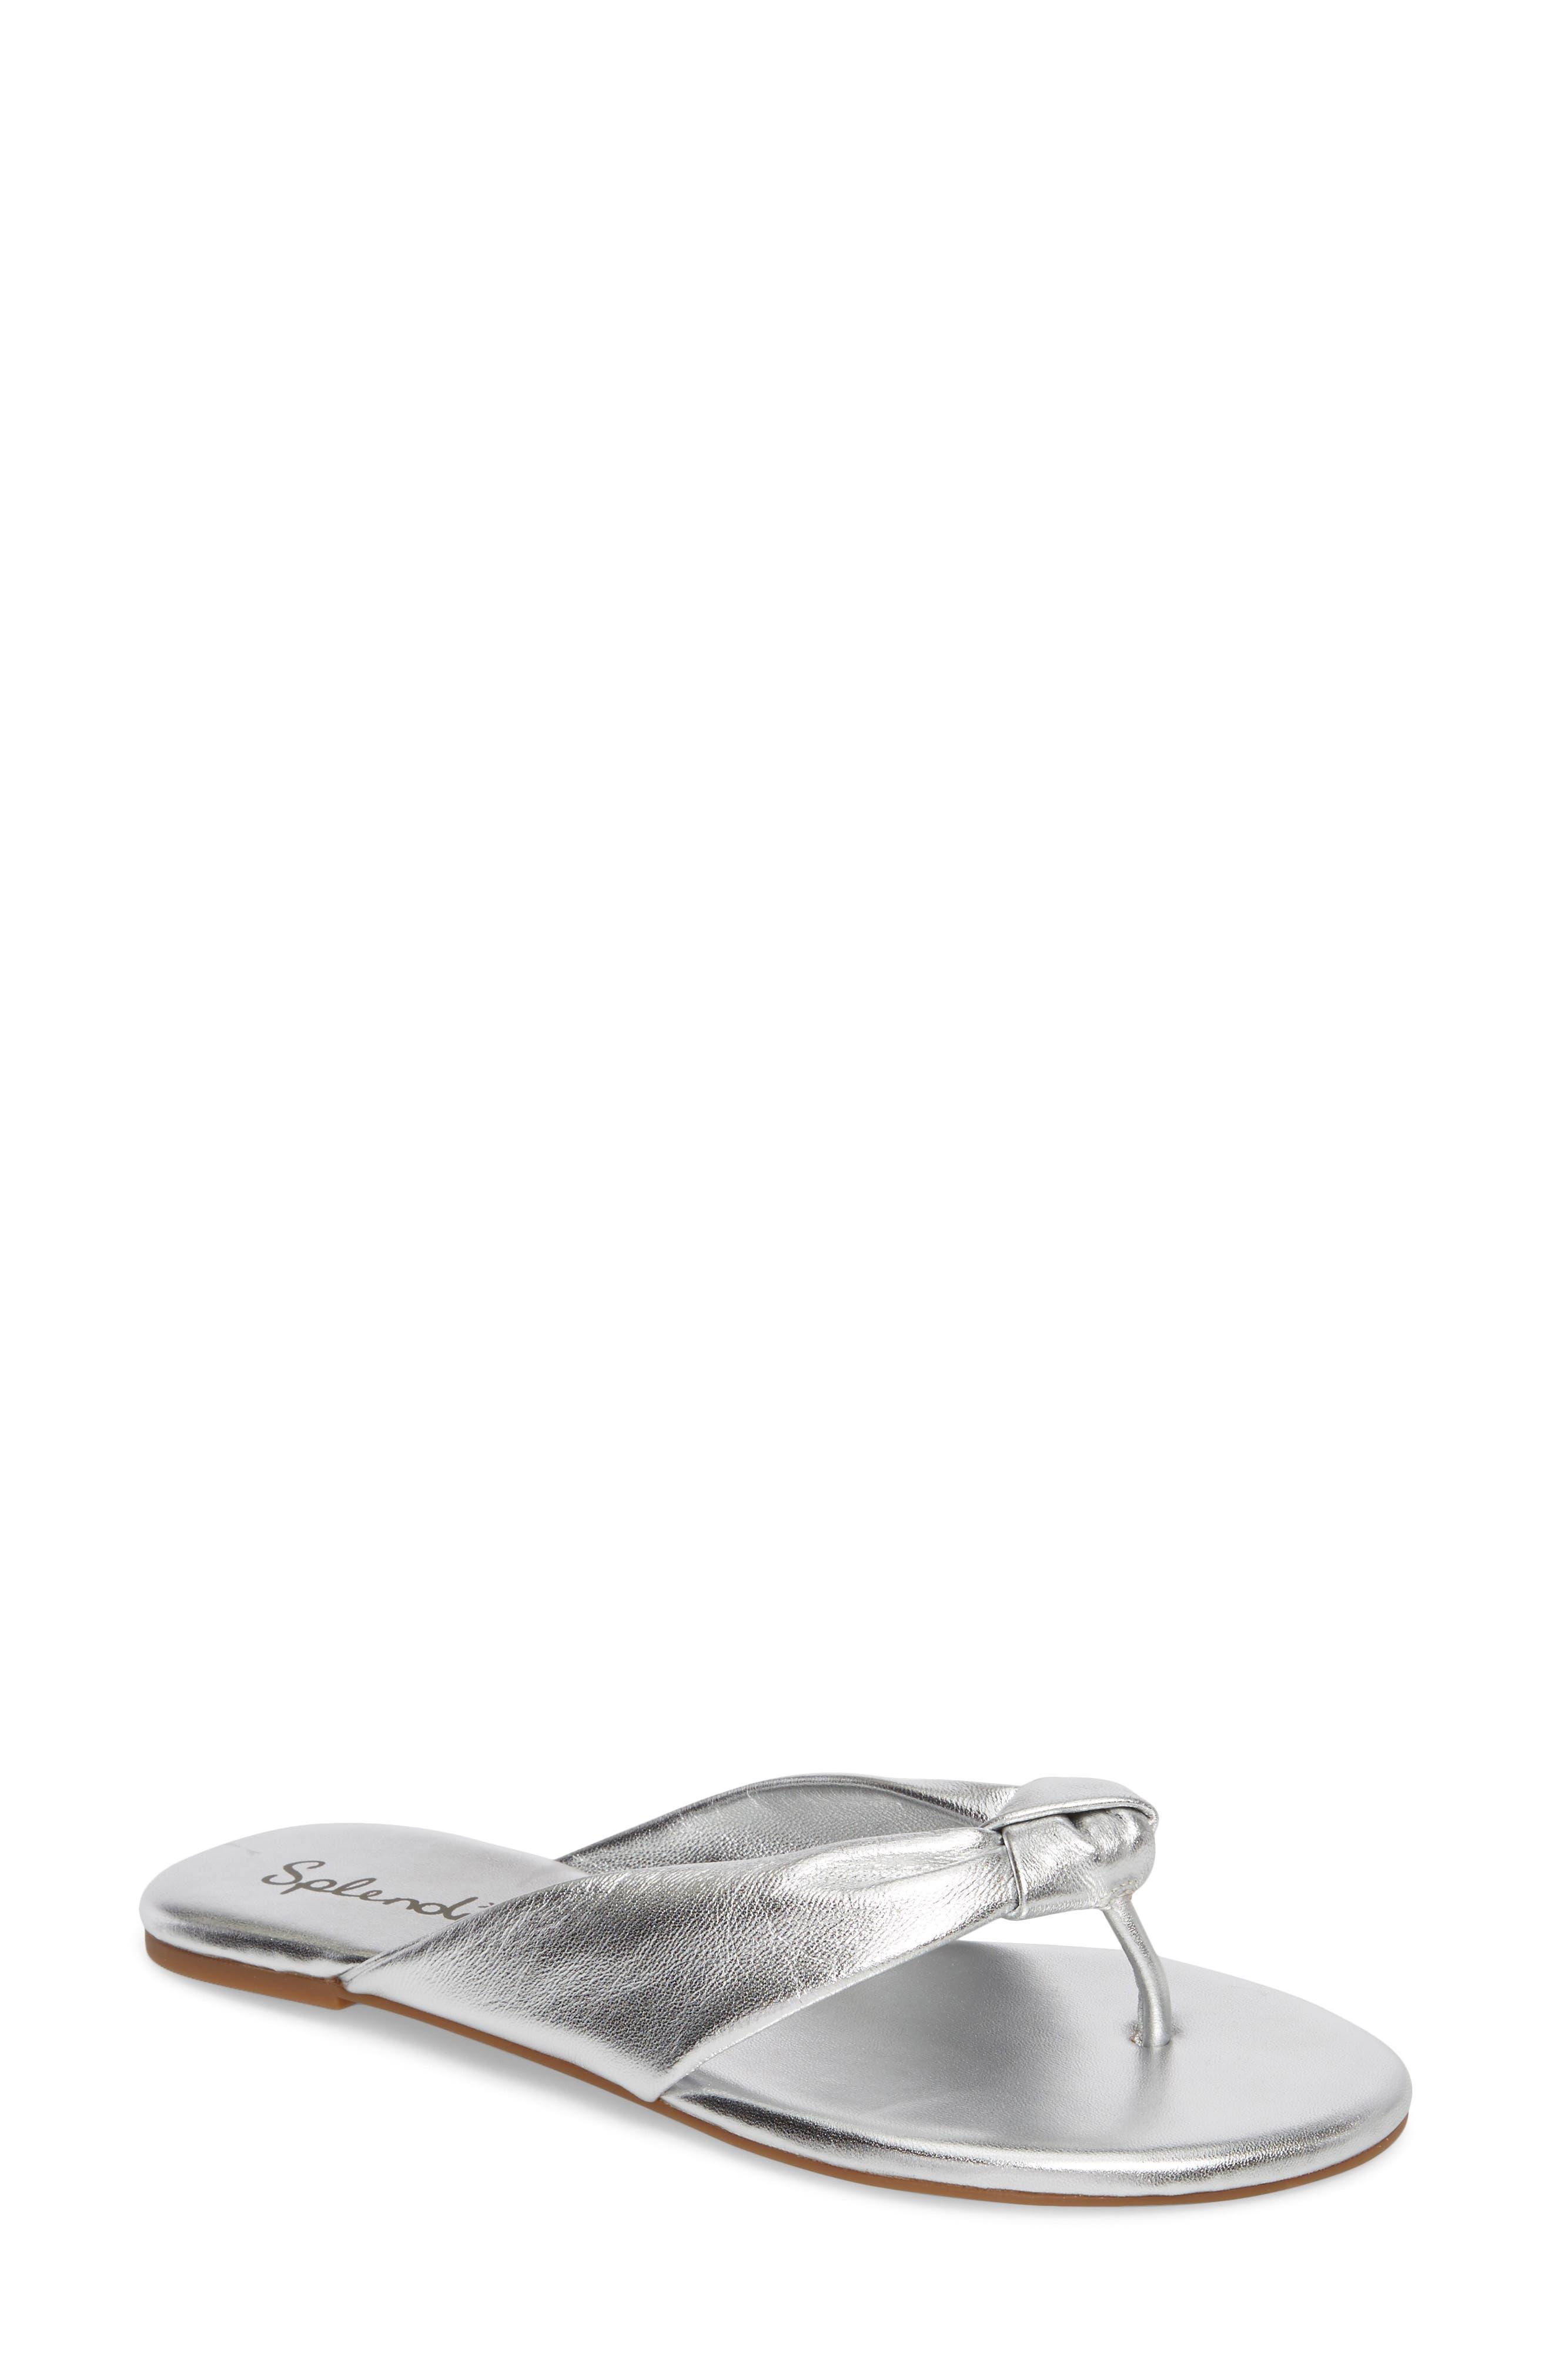 Bridgette Knotted Flip Flop,                         Main,                         color, SILVER METALLIC LEATHER